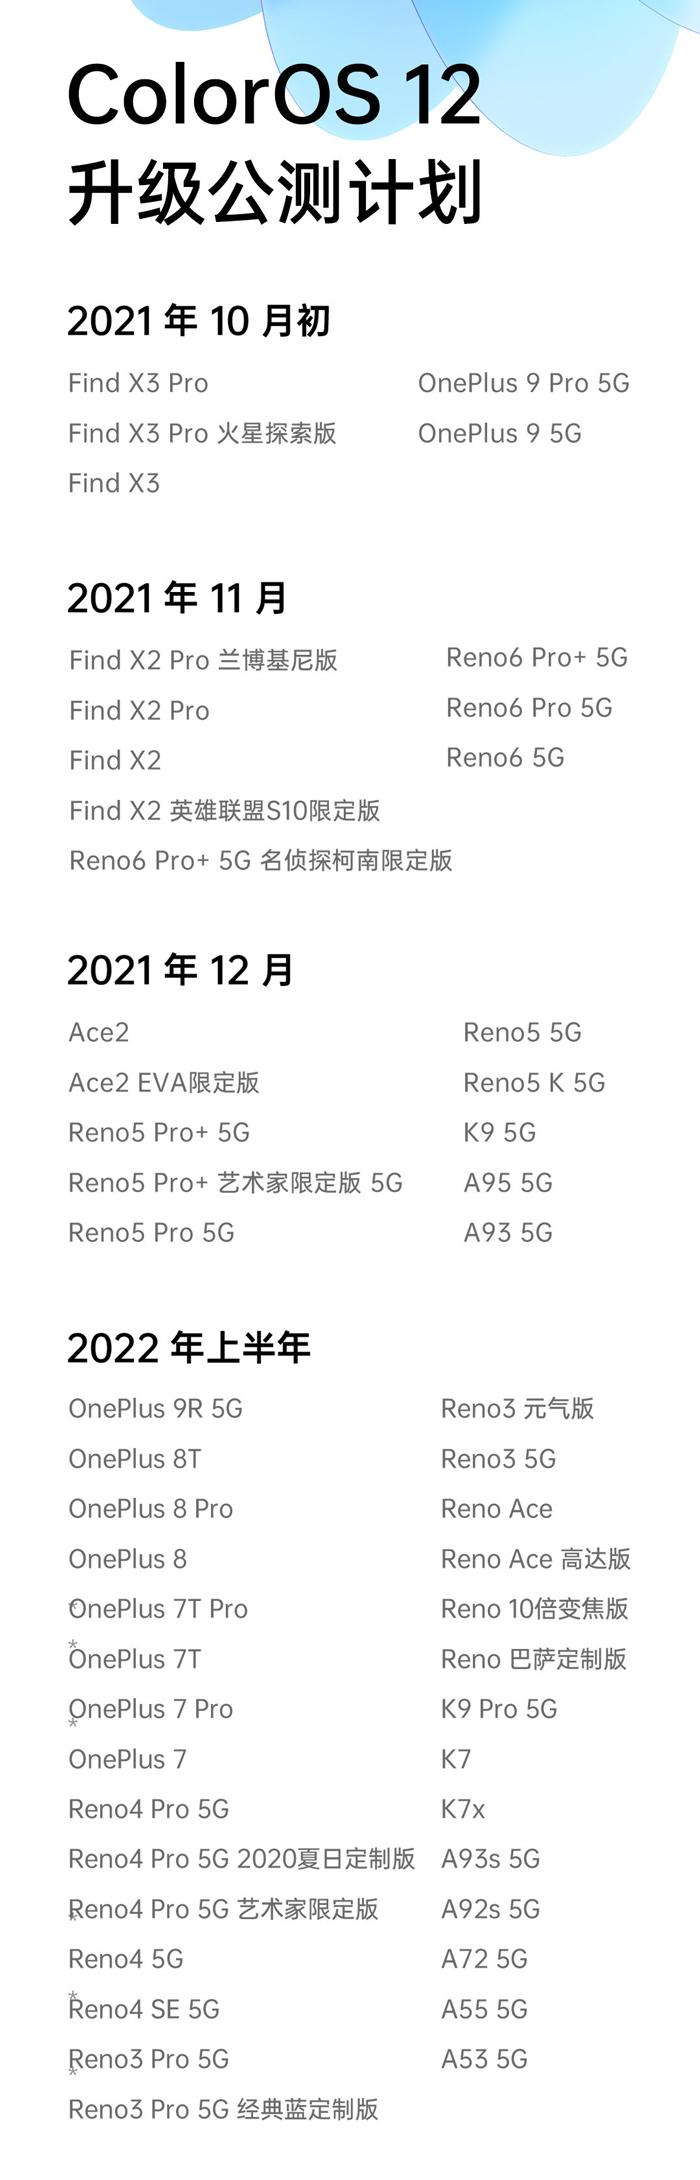 ColorOS 12发布:Find X3系列、OnePlus 9系列首发! 3